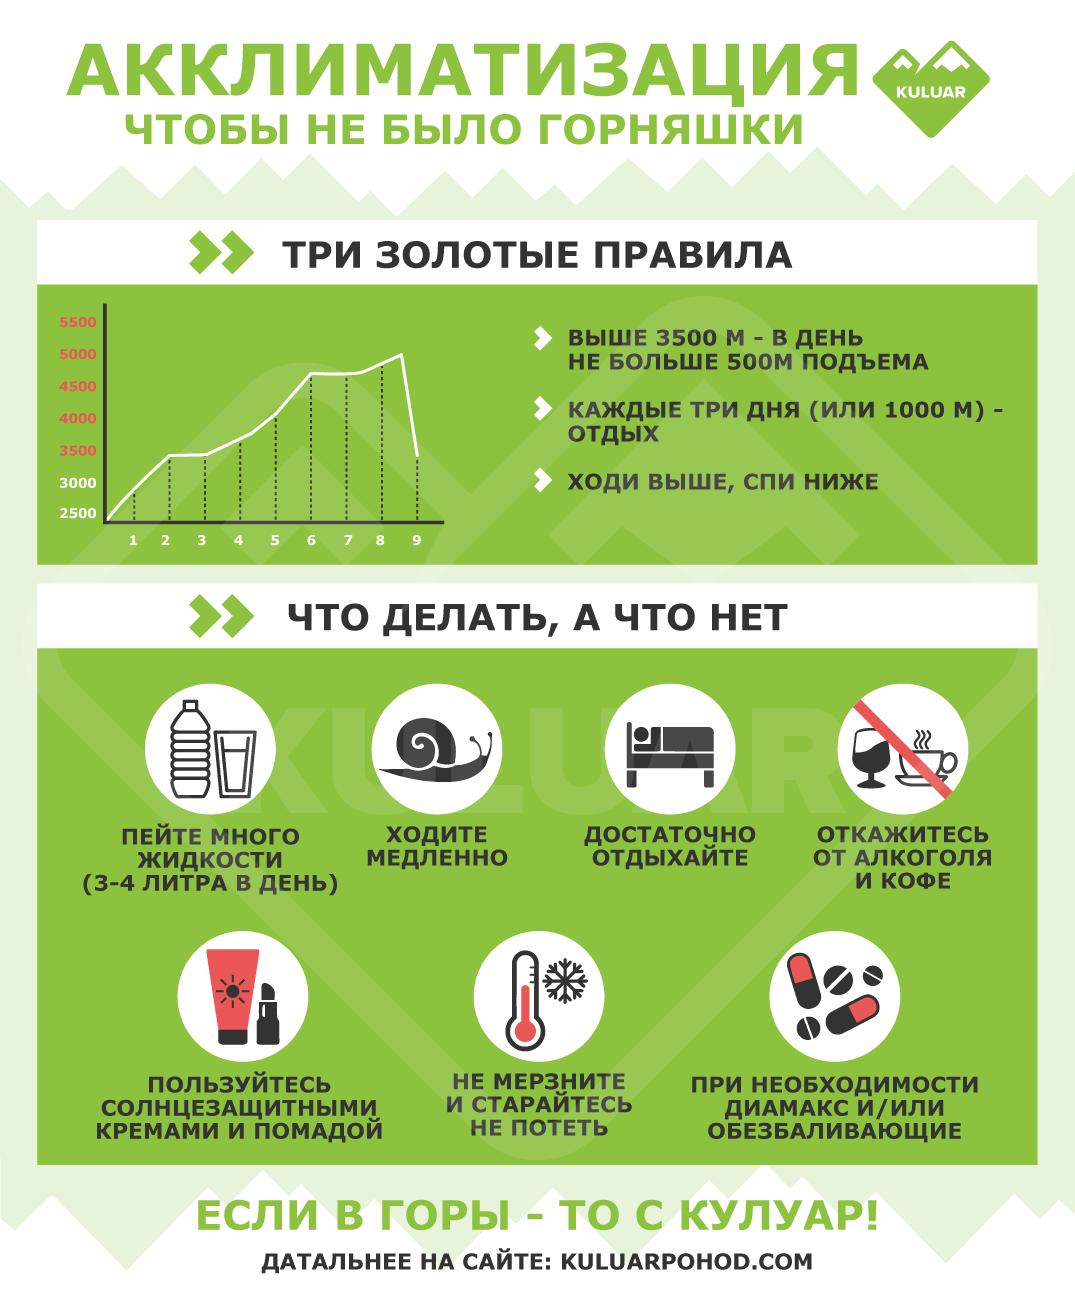 Инфографика: Акклиматизация. Что делать, чтобы легче переносить высоту